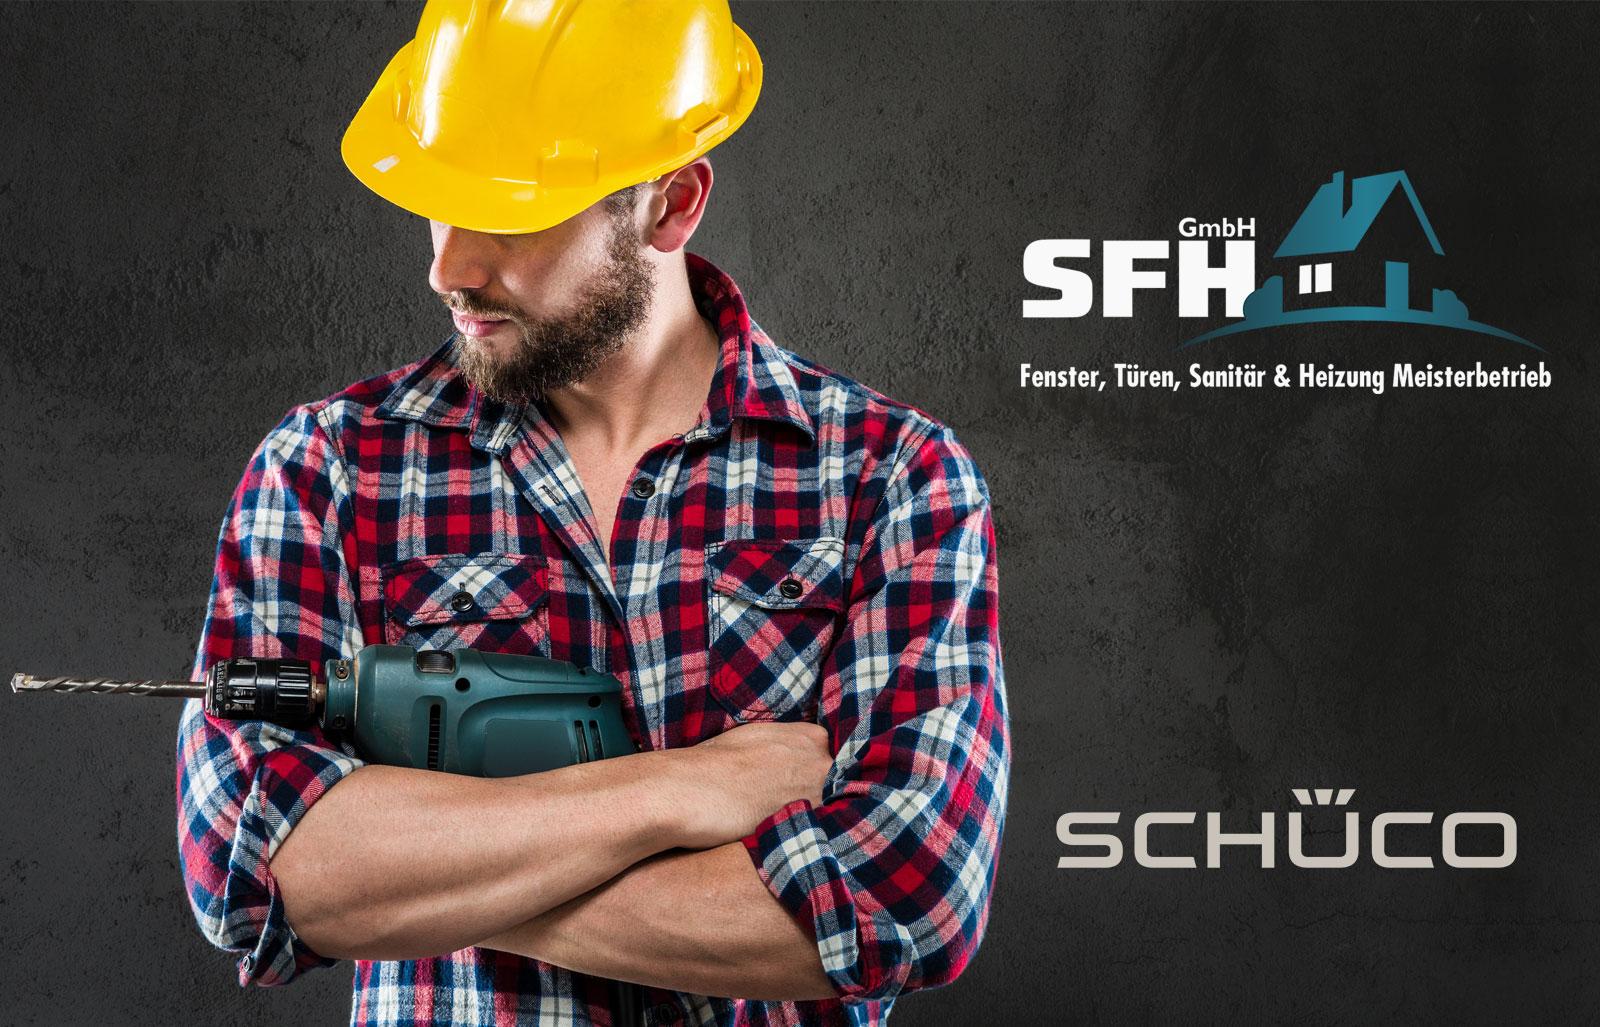 SFH-GmbH-Home